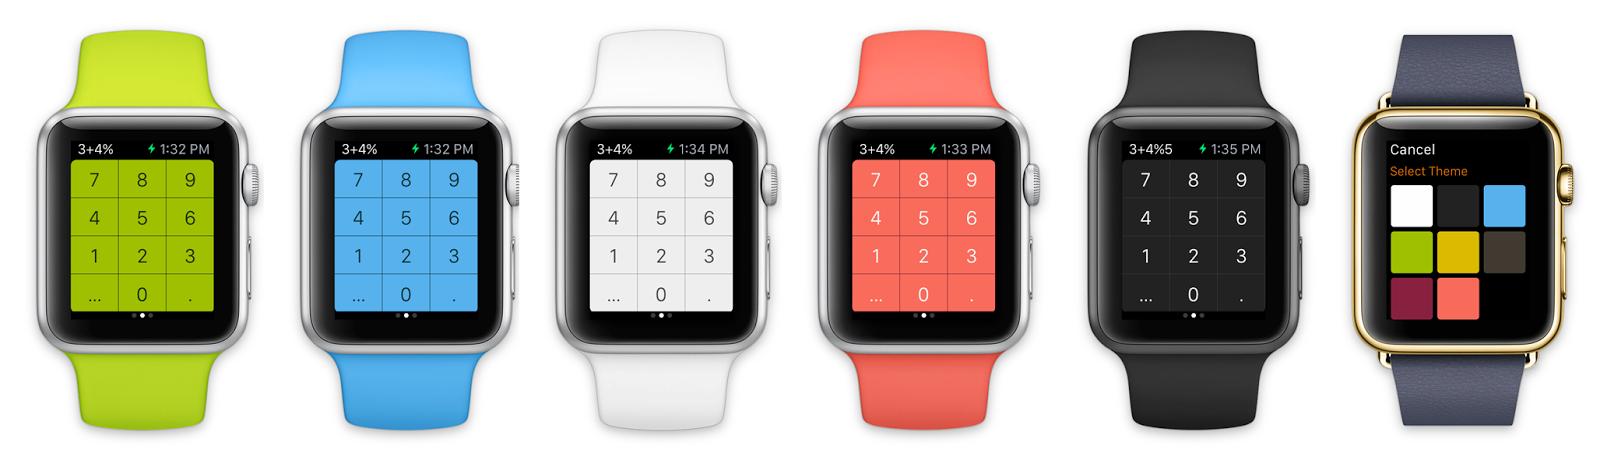 تحديث الآلة الحاسبة Calculator على iOS ليدعم ساعة أبل ووتش